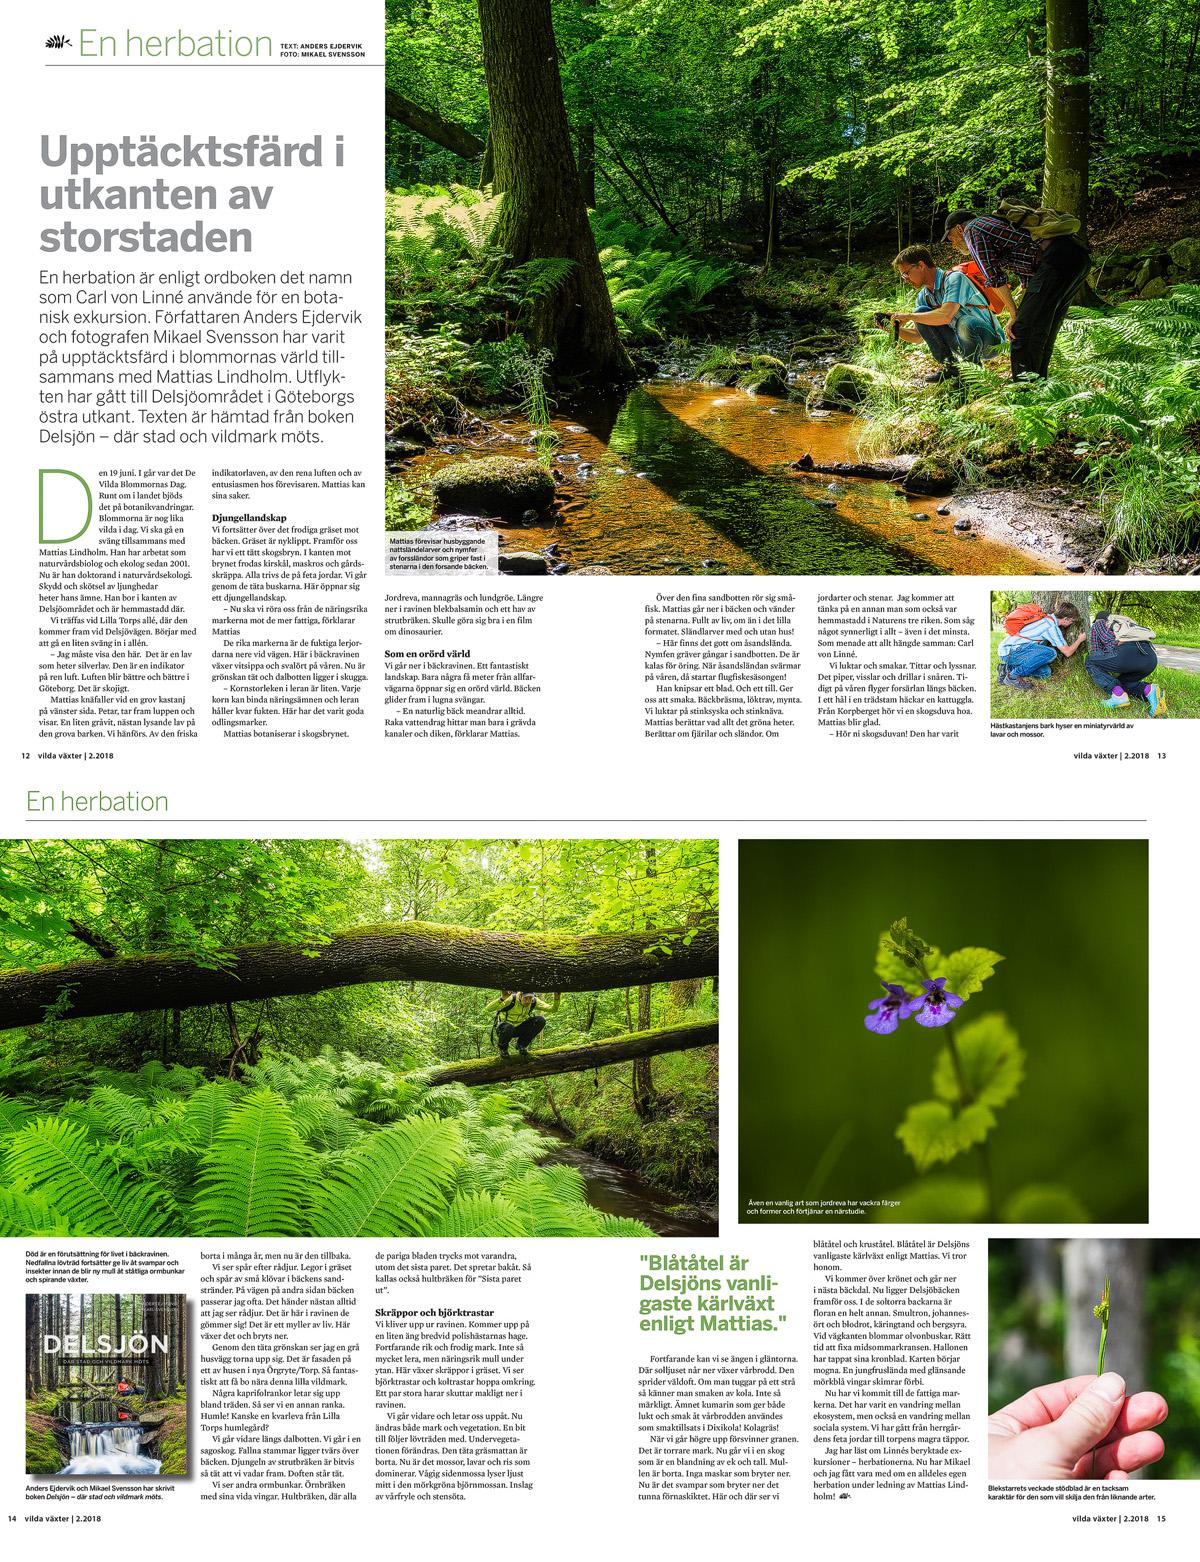 Upptäcktsfärd i utkanten av storstaden. Artikel i tidskriften Vilda Växter nr 2 / 2018.